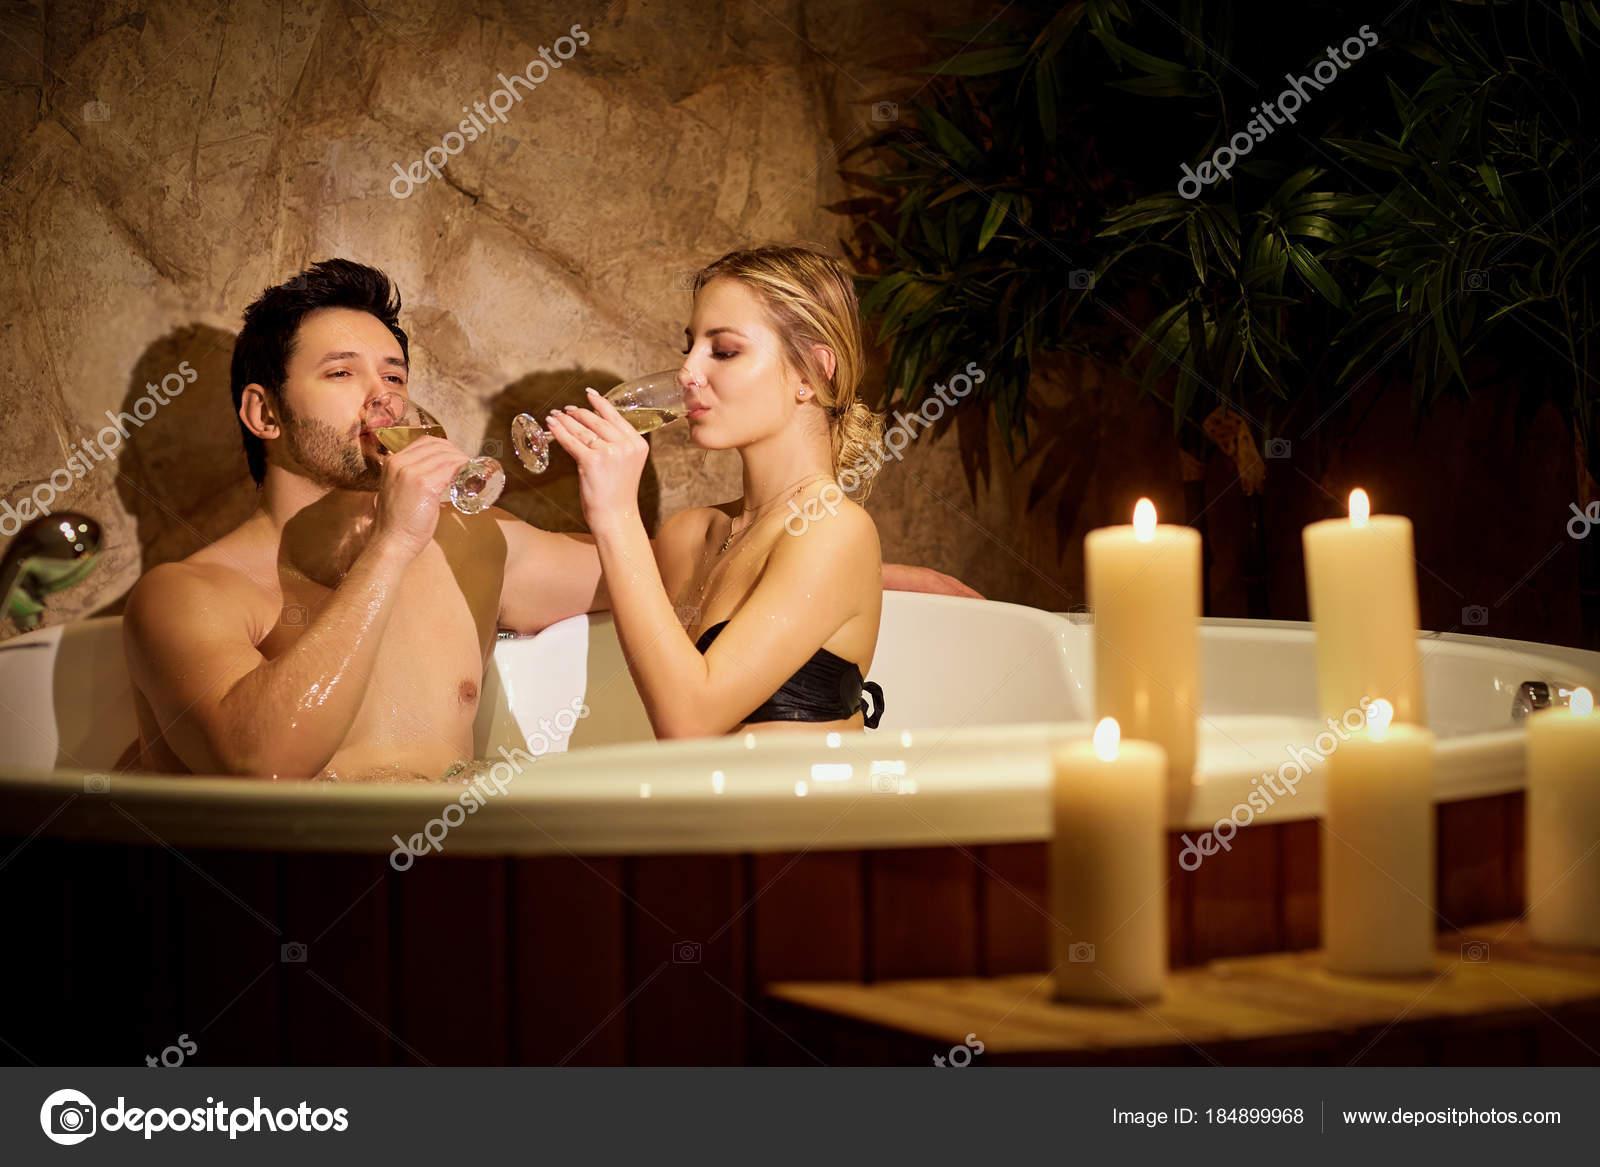 Vasca Da Bagno Romantica Con Candele : Offerta di natale in villa con wellness esclusivo per la coppia a